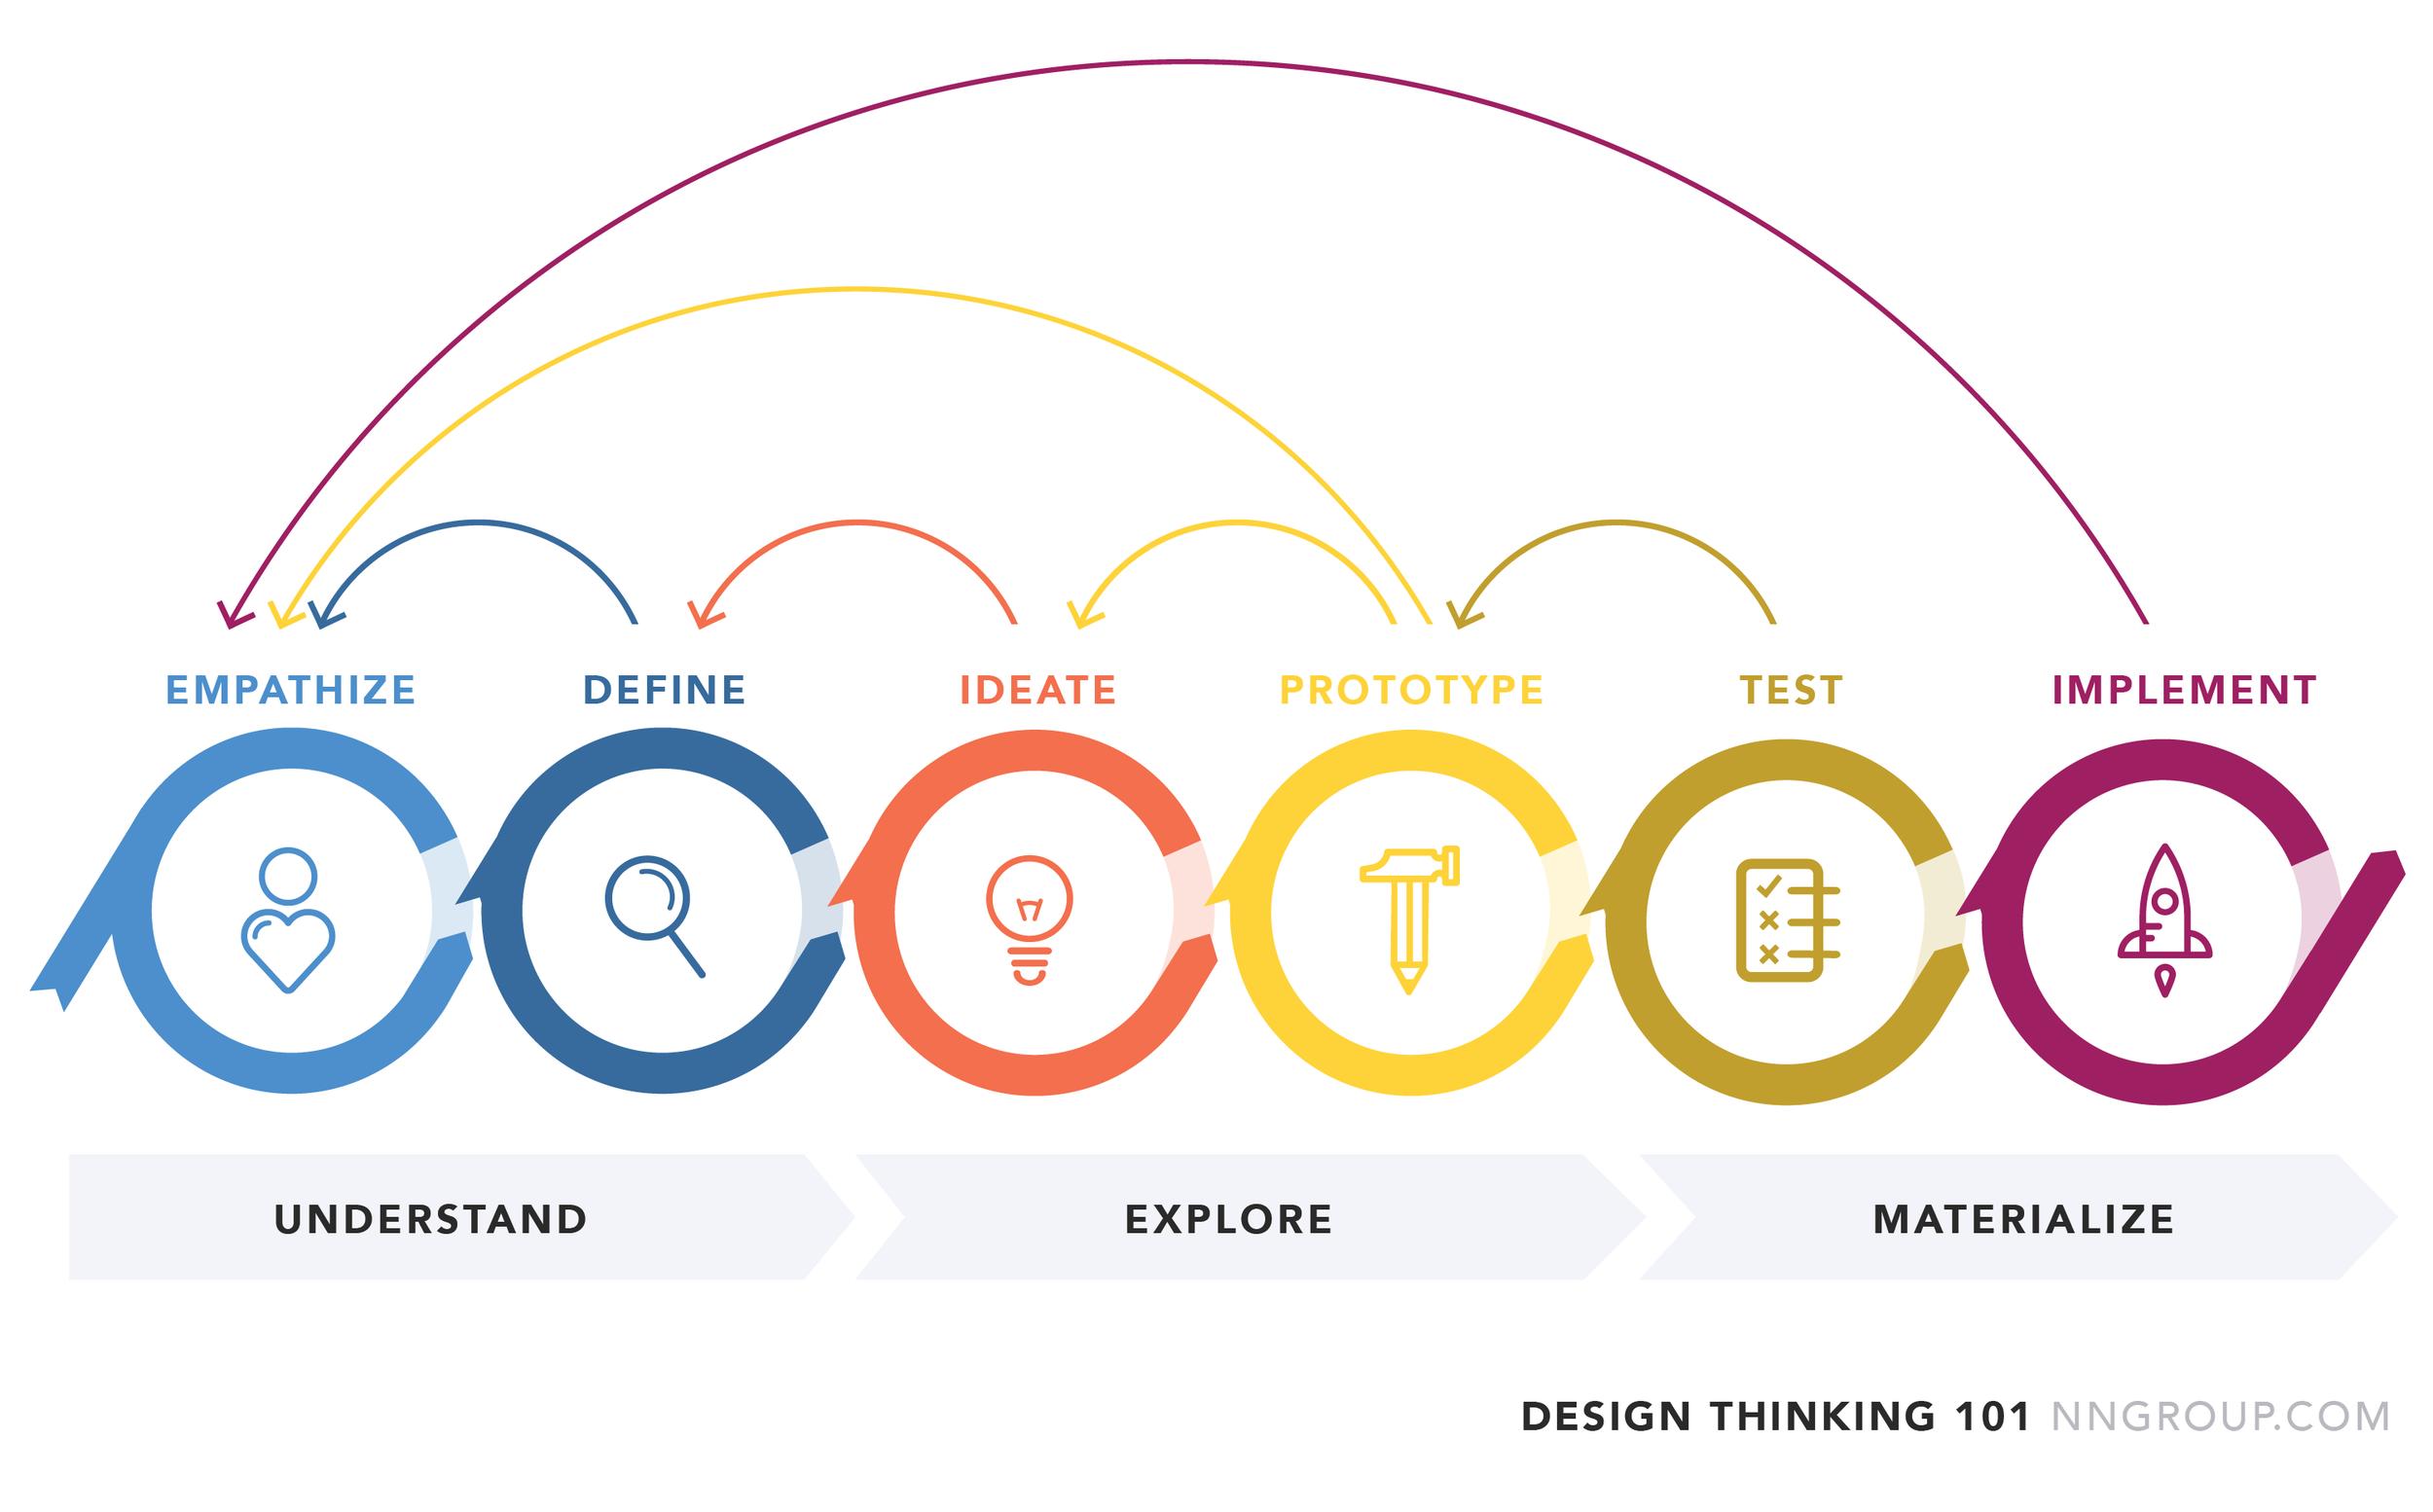 designthinking_illustration_final2-02.png